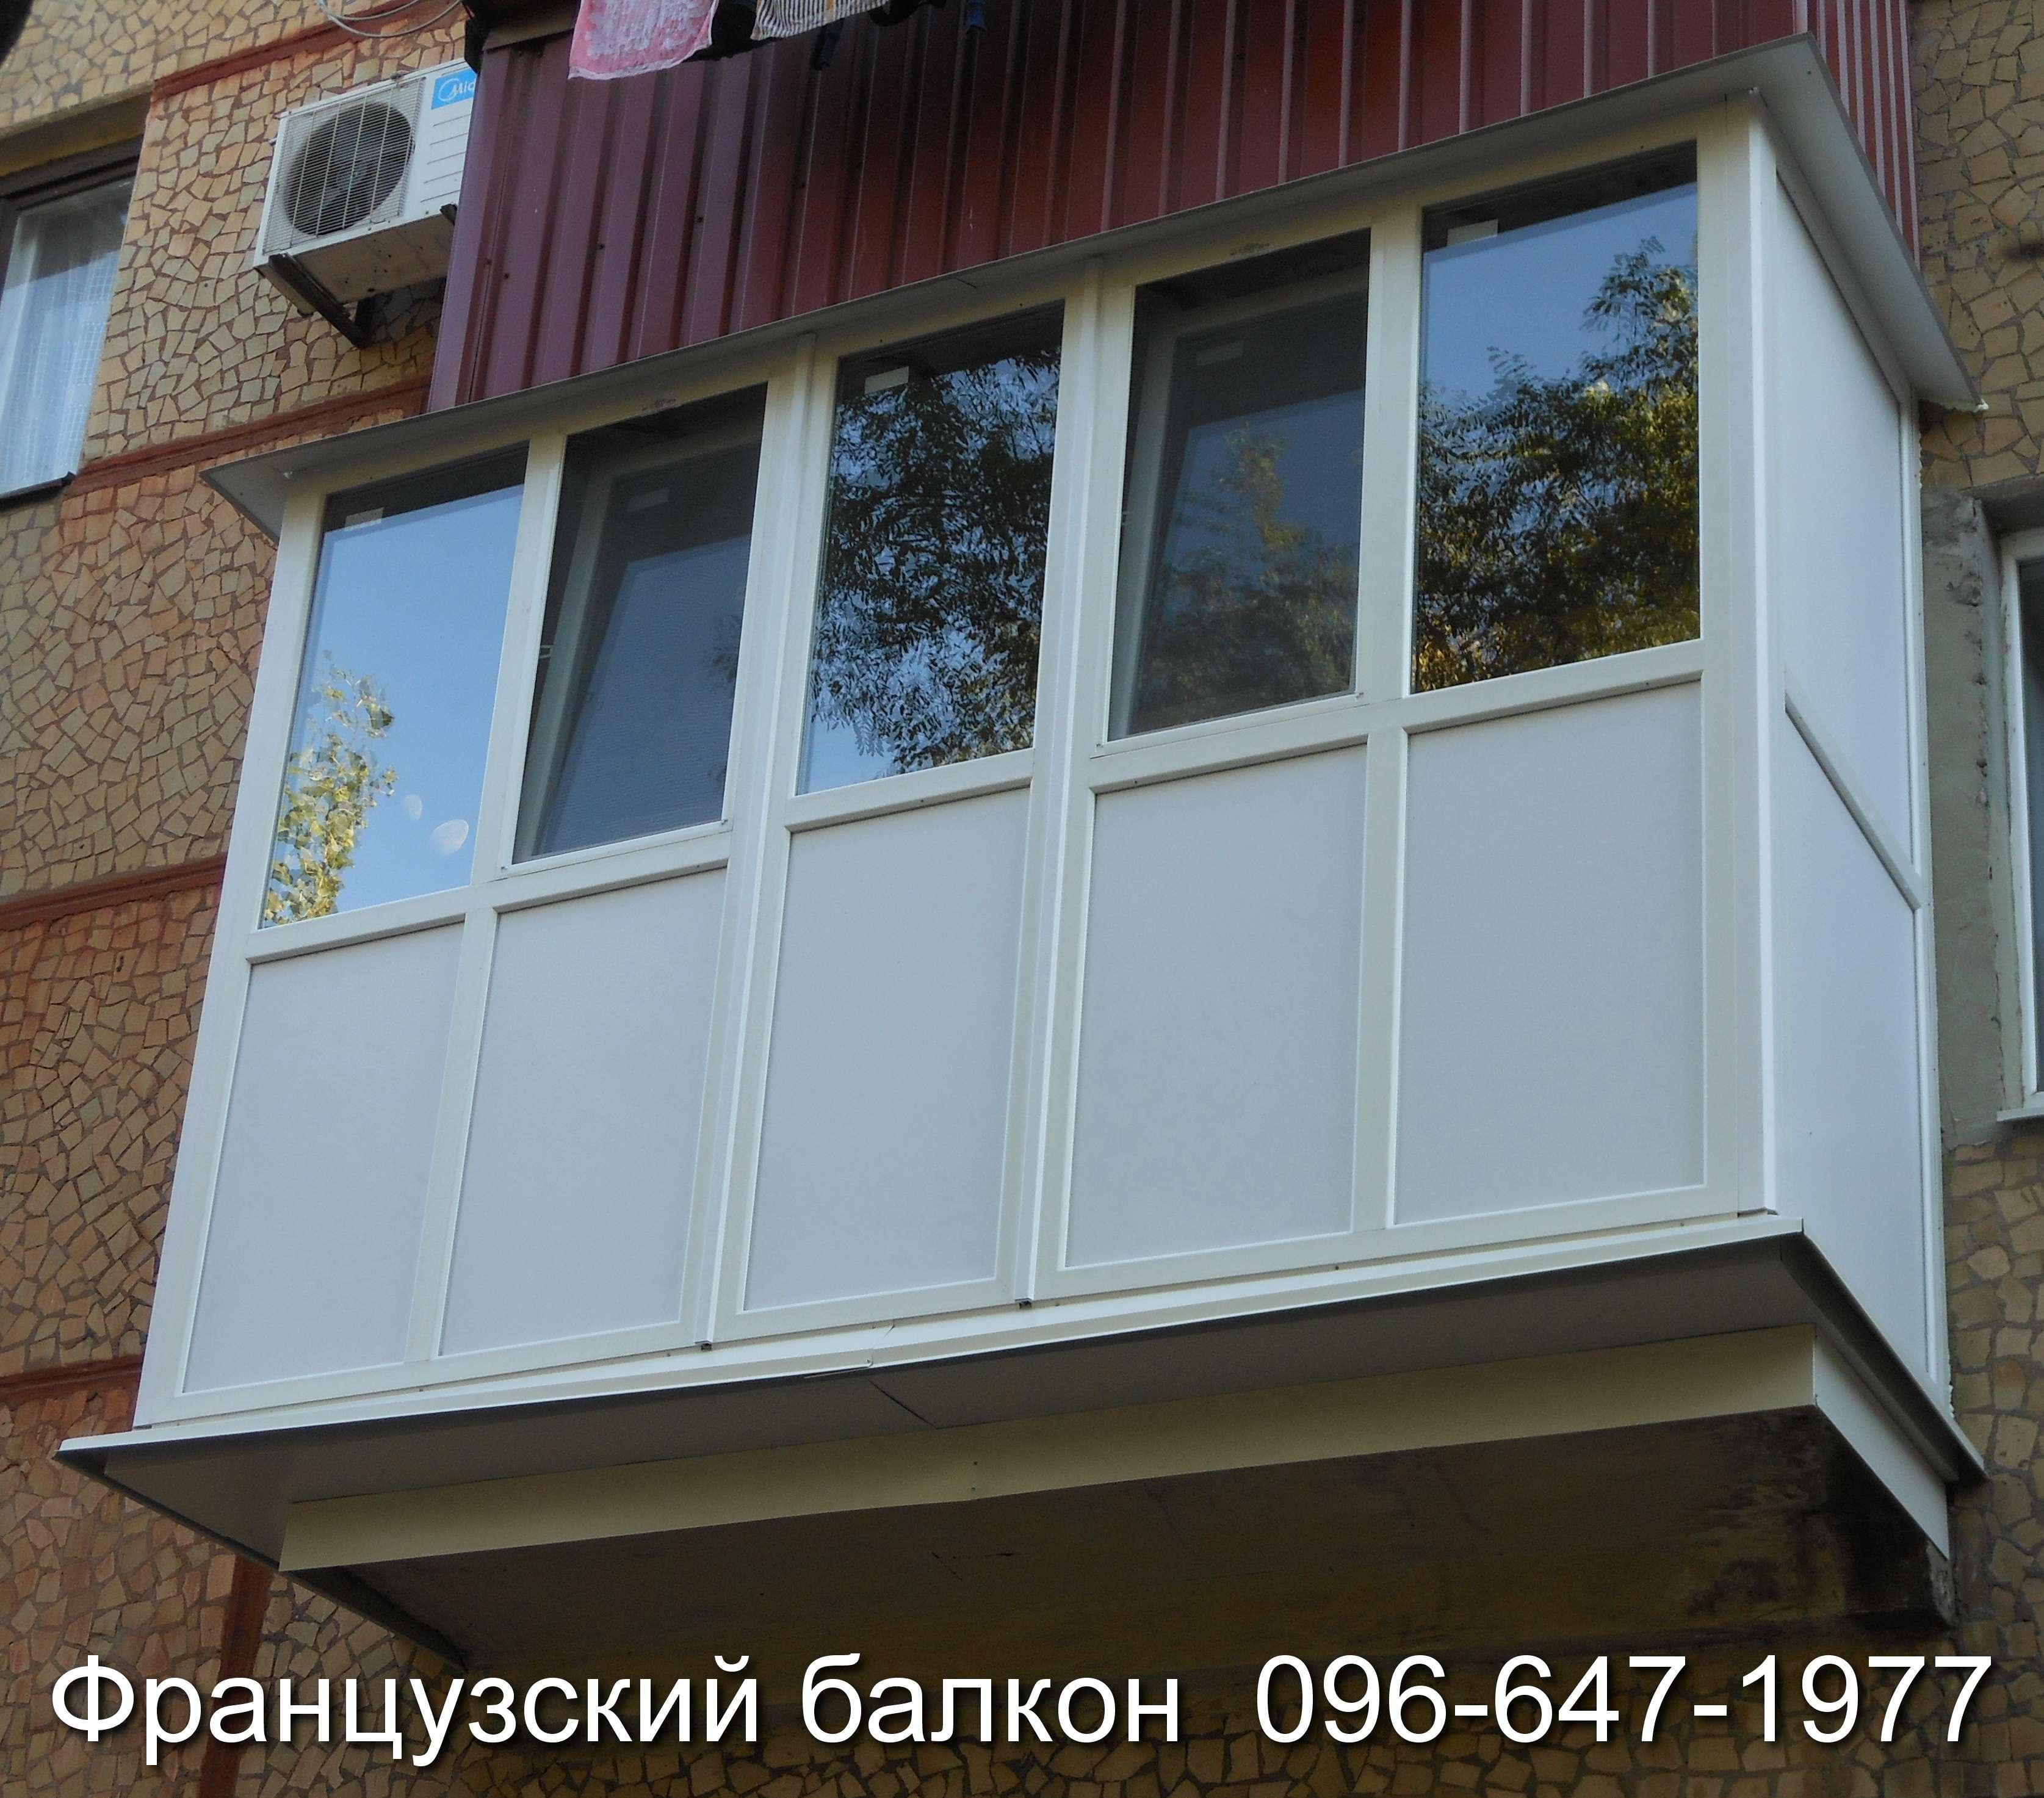 interesnoe osteklenie francuzskogo balkona i lodzhii ot komfort